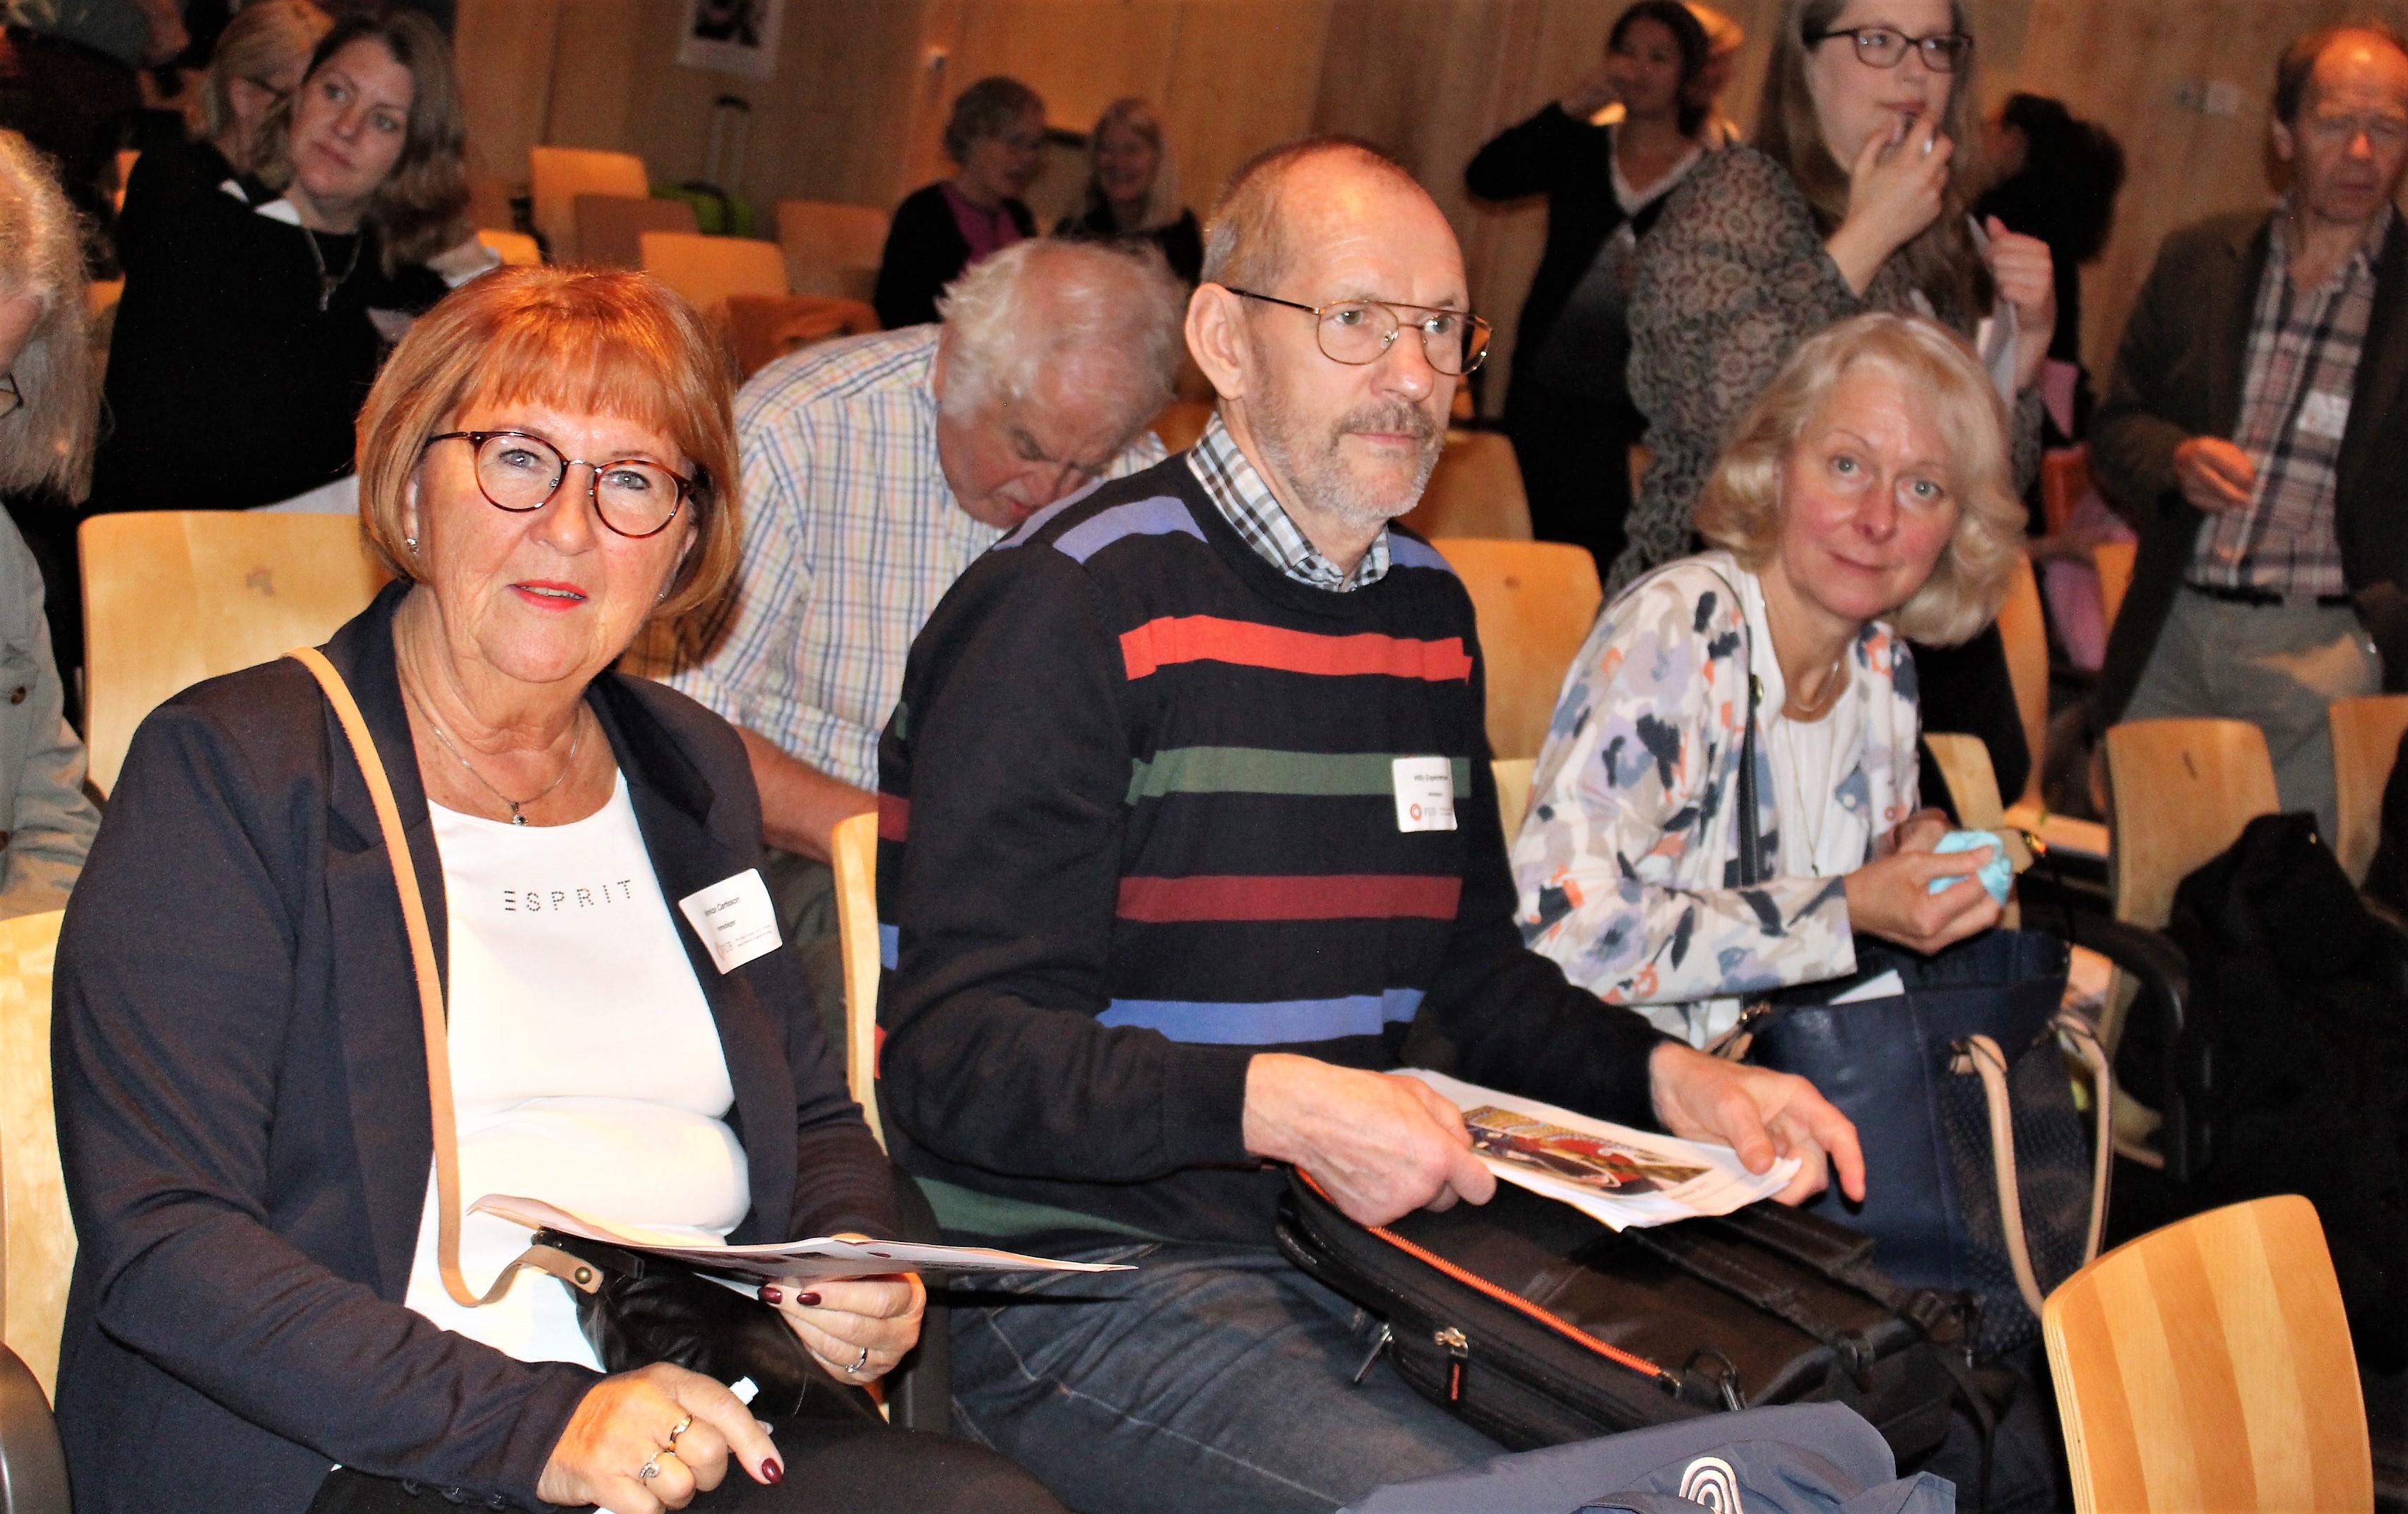 Monica, Willy och Karin väntar på att nästa föreläsare ska upp på scen